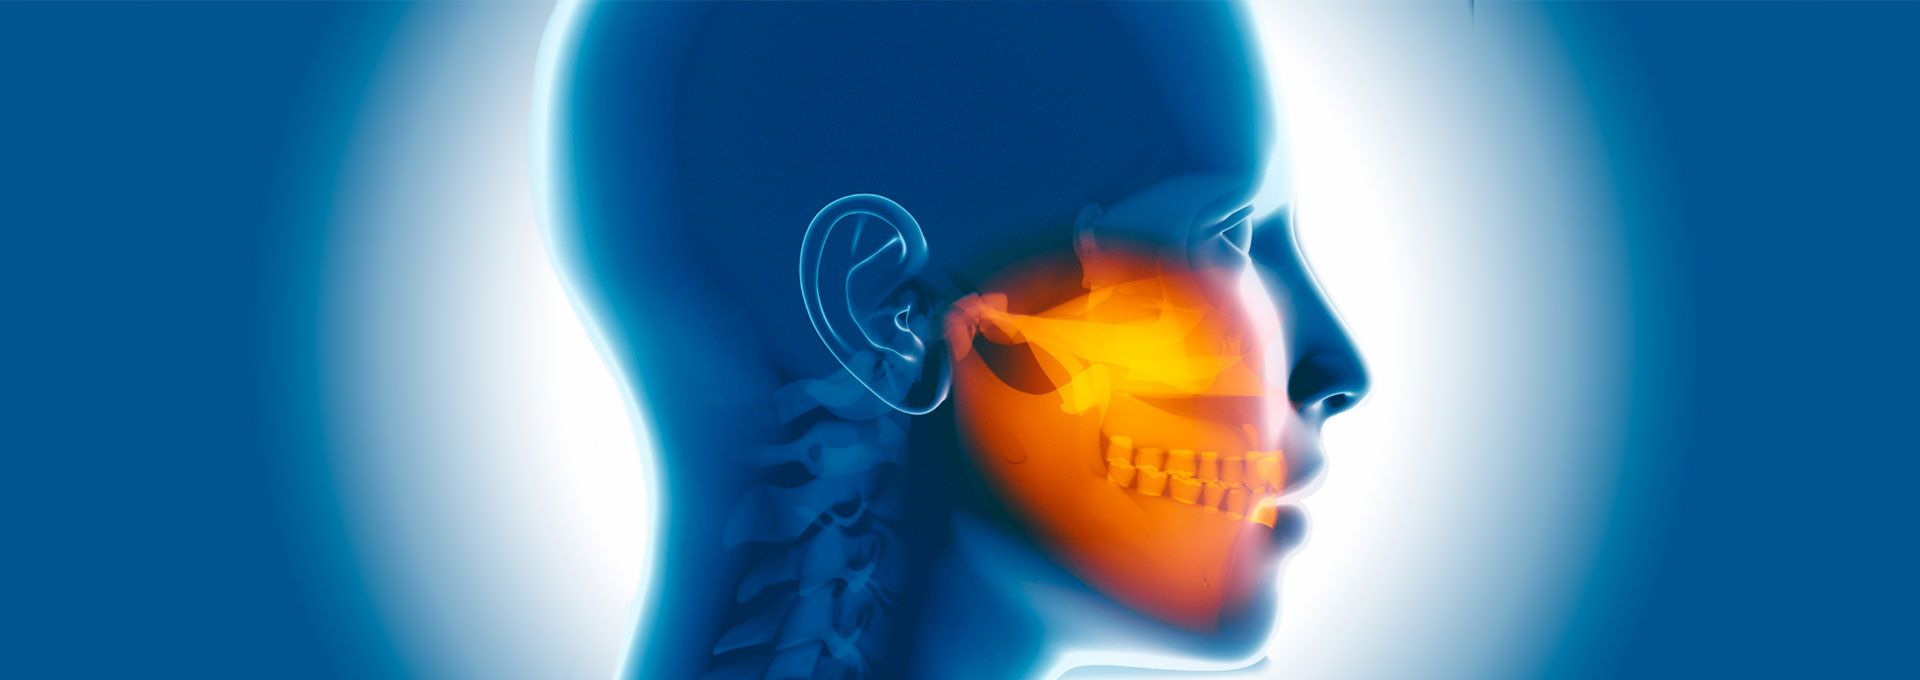 Dolore durante la masticazione | AKOS Centro Odontoiatrico Dentisti a Parma Carpi Modena Reggio Emilia Mantova